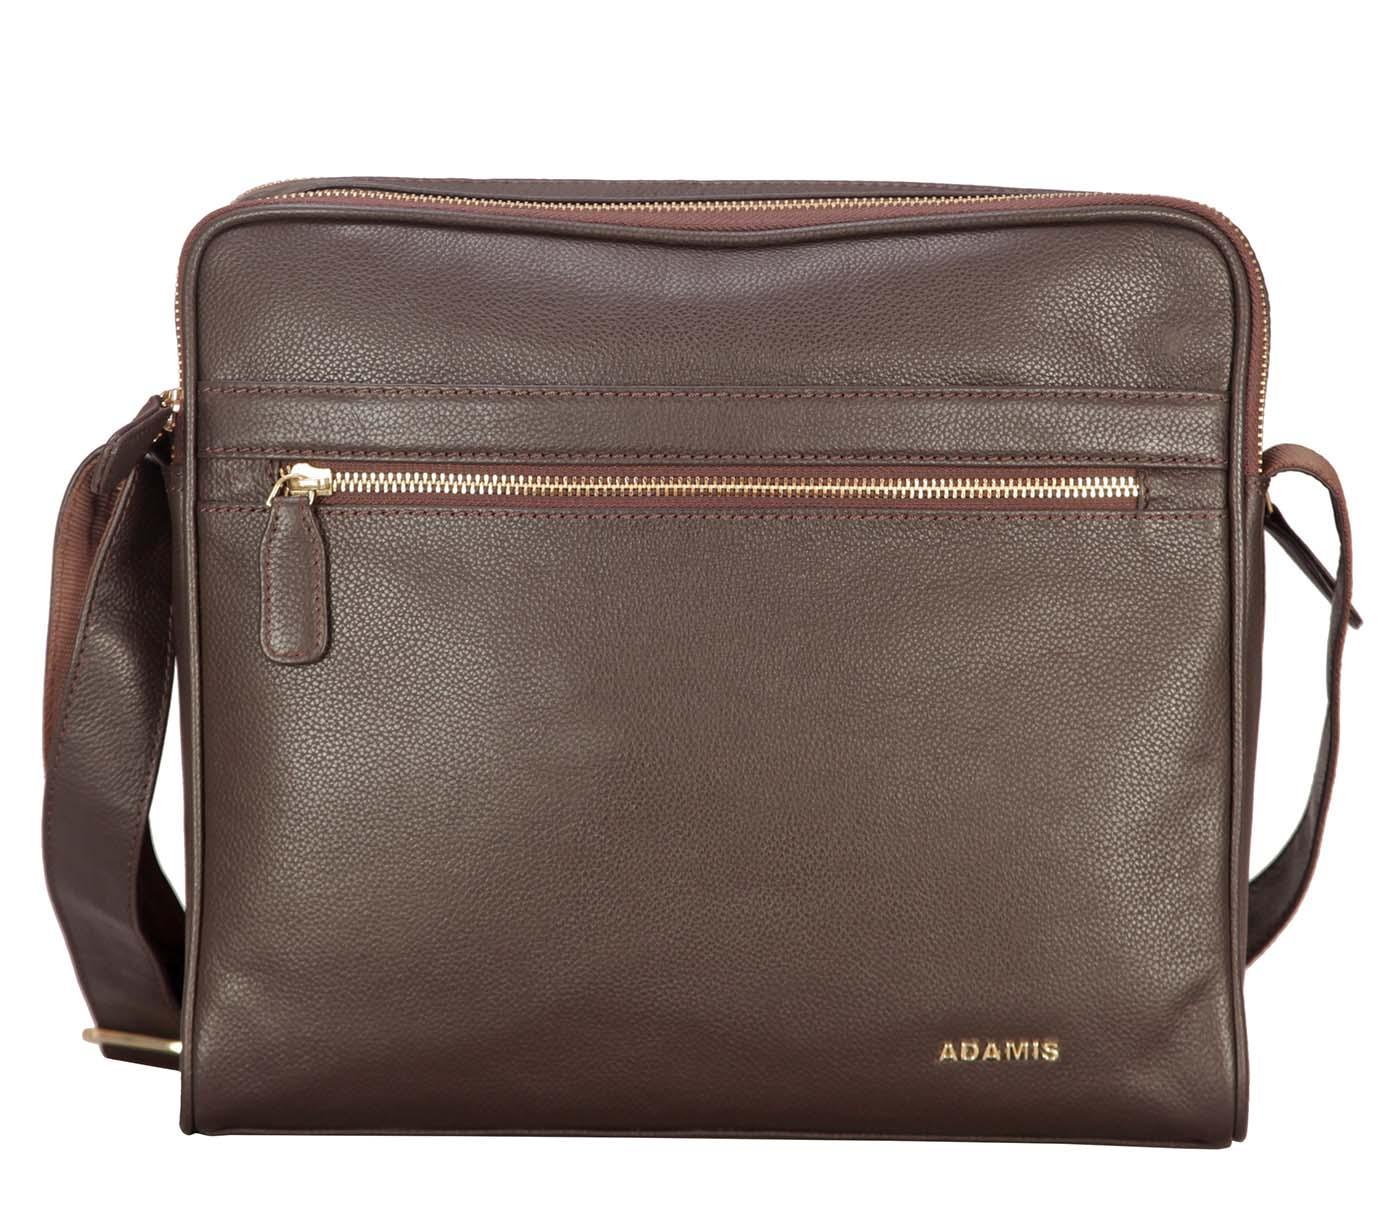 Bags - P37